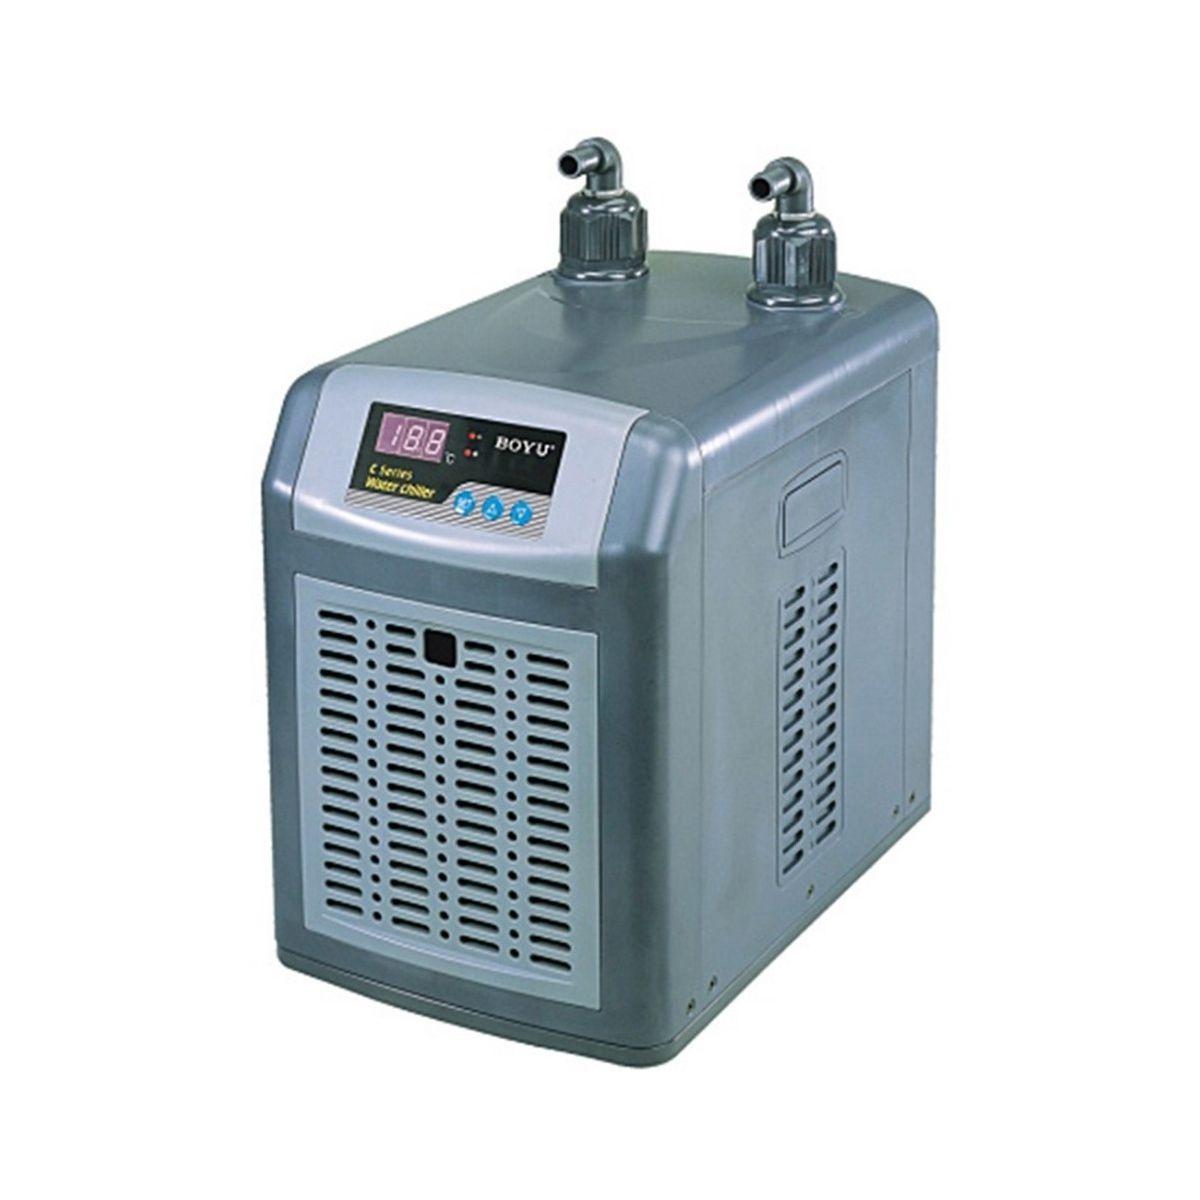 Chiller Resfriador Boyu C-150 1/10 Hp 110v / 220v